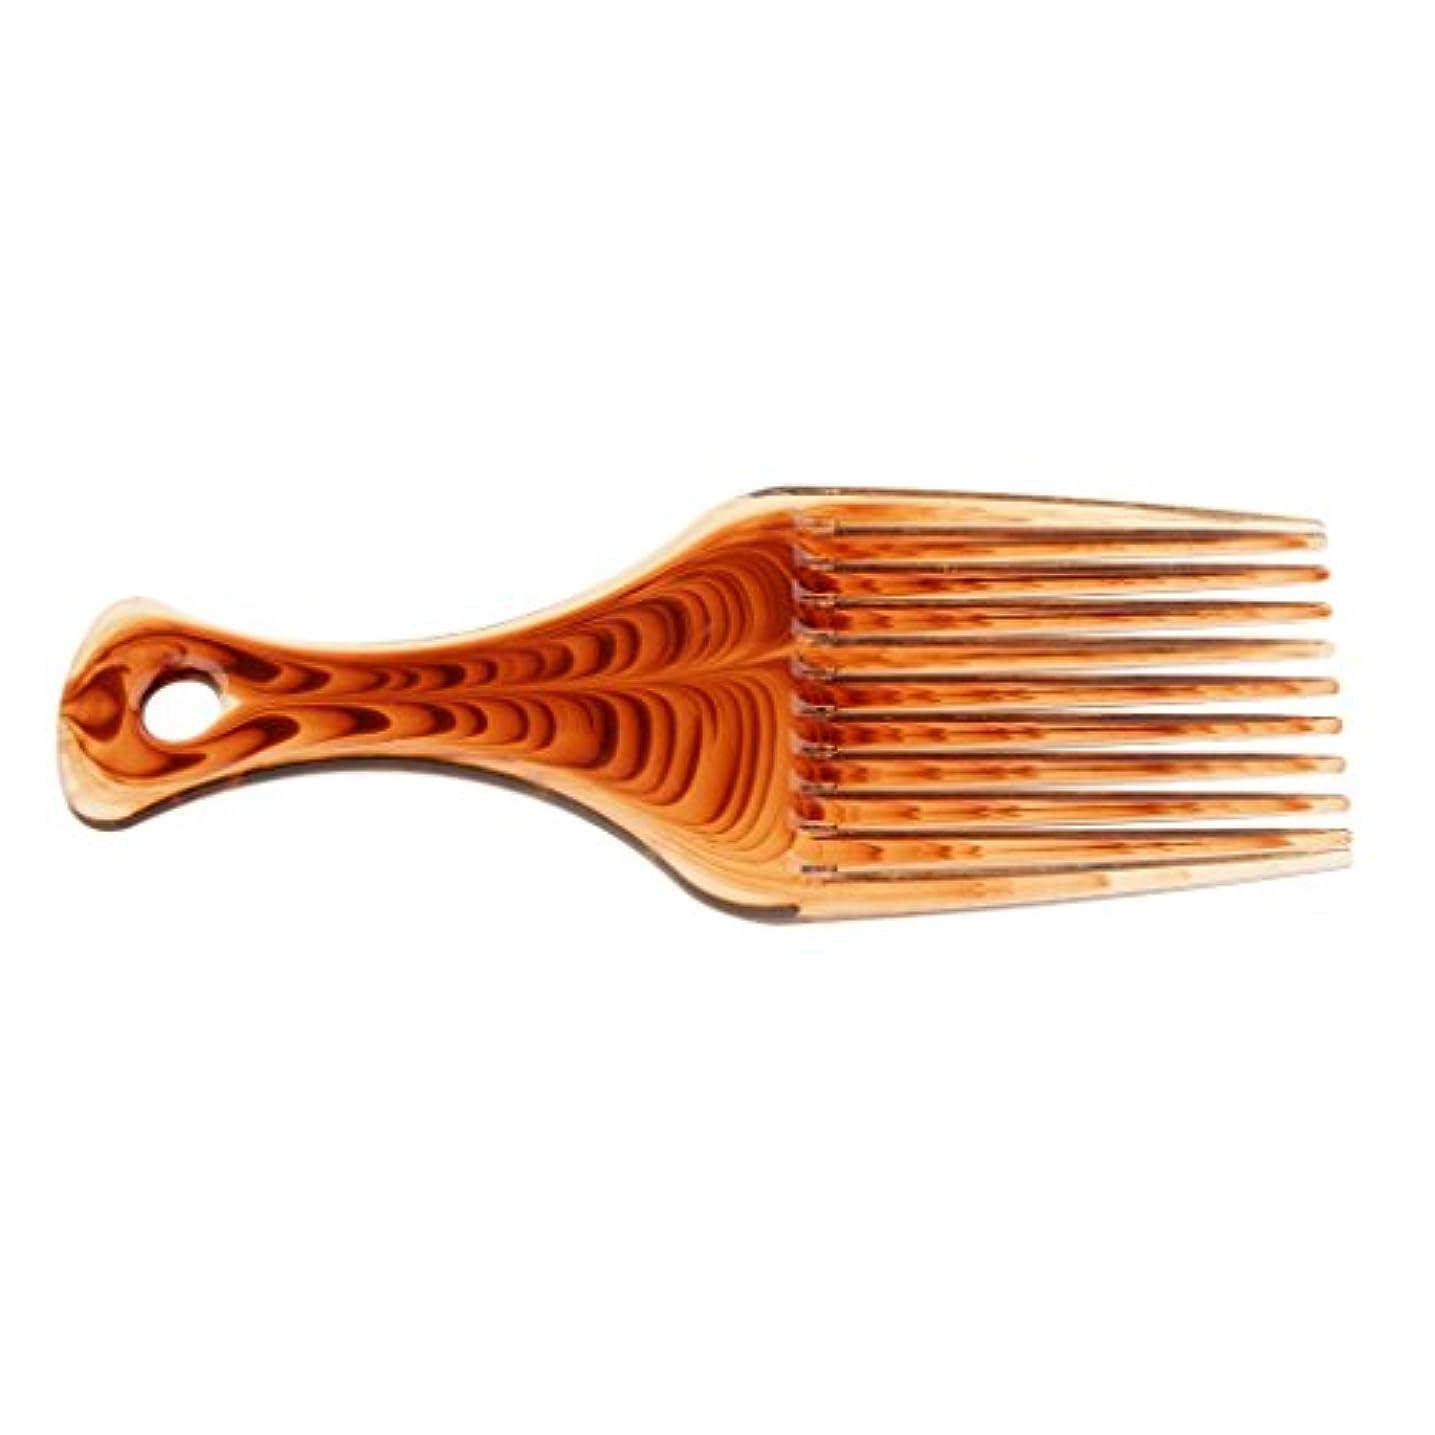 熱ごちそう遅滞Perfk ヘアブラシ 髪の櫛 プラスチック製 サロン バリバー アフロ ヘアピック ブラシ 櫛